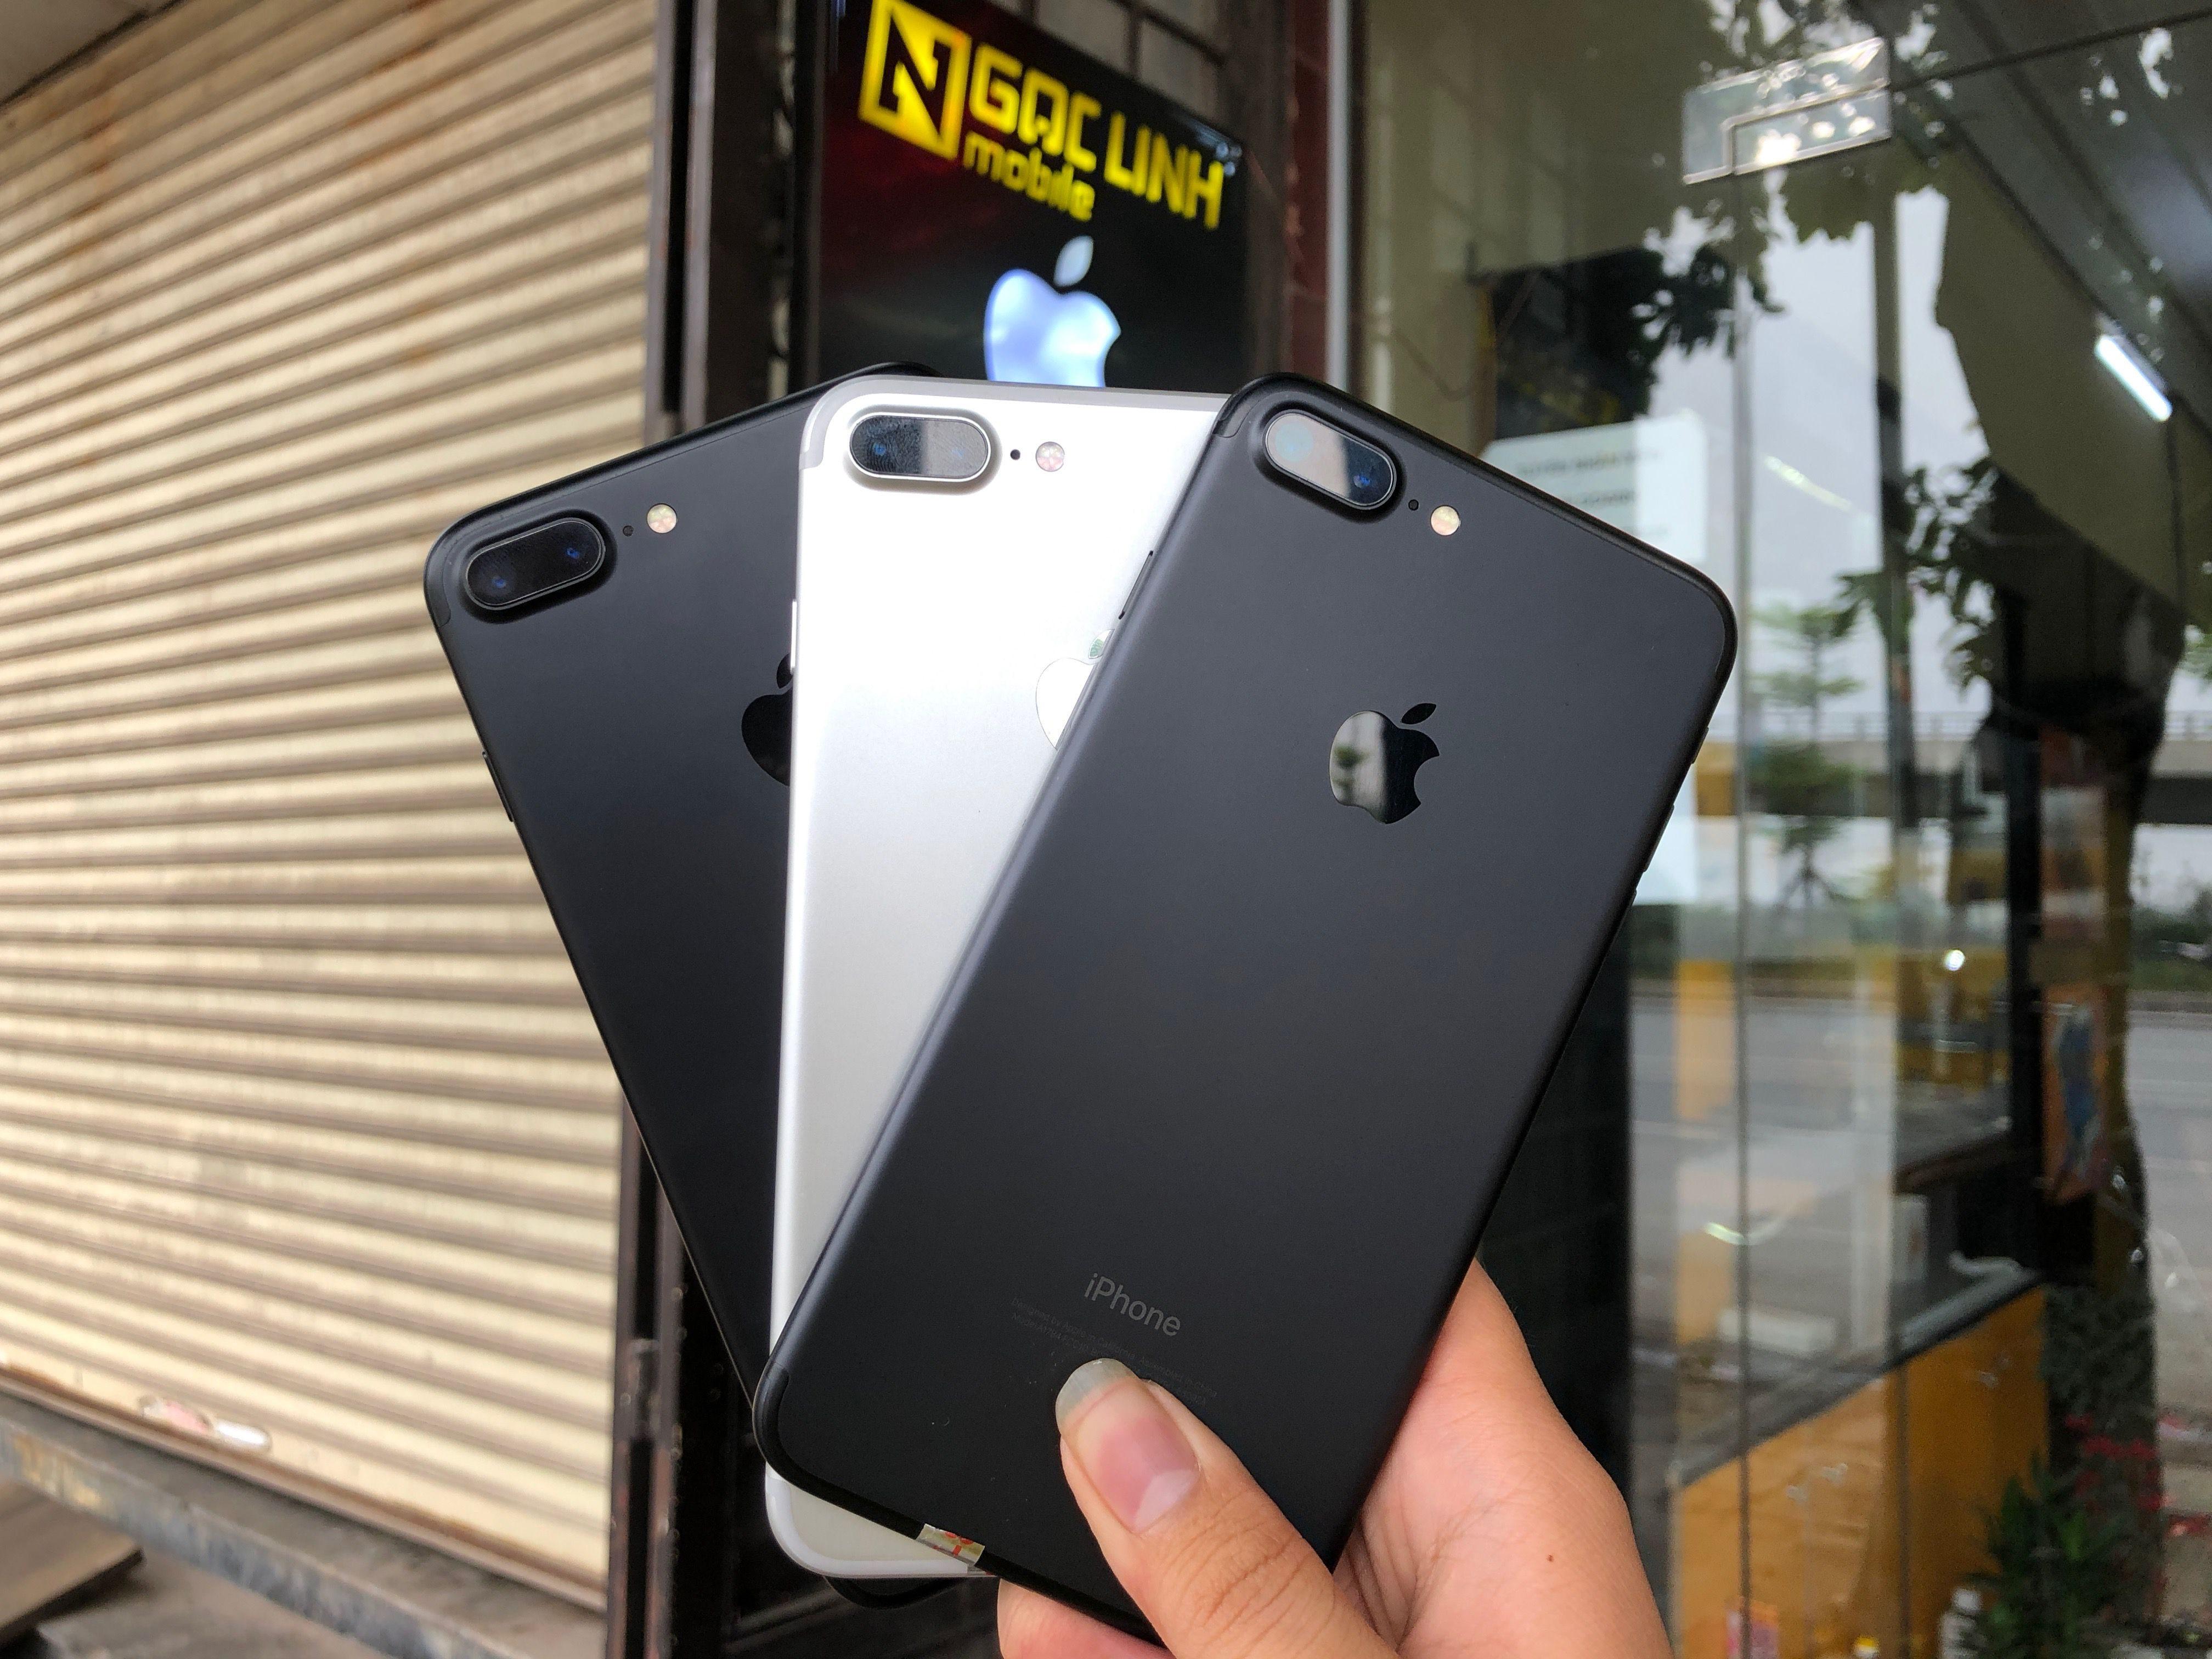 CameraiPhone 7 Plus - CameraiPhone 7 Plus có gì khác biệt để bạn lựa chọn